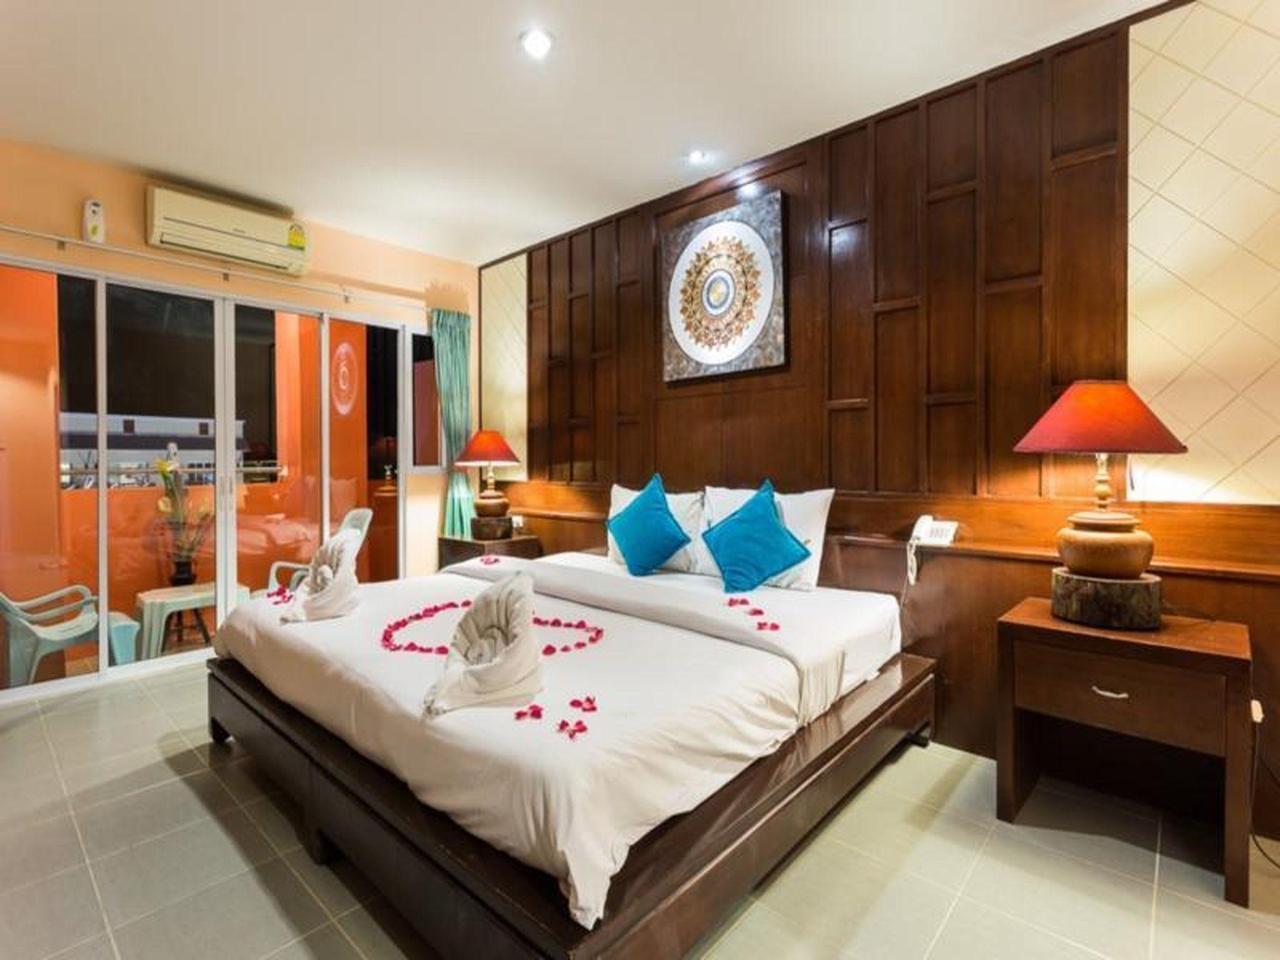 โรงแรมอ่าวนาง โคซี่ เพลส (Aonang Cozy Place Hotel)